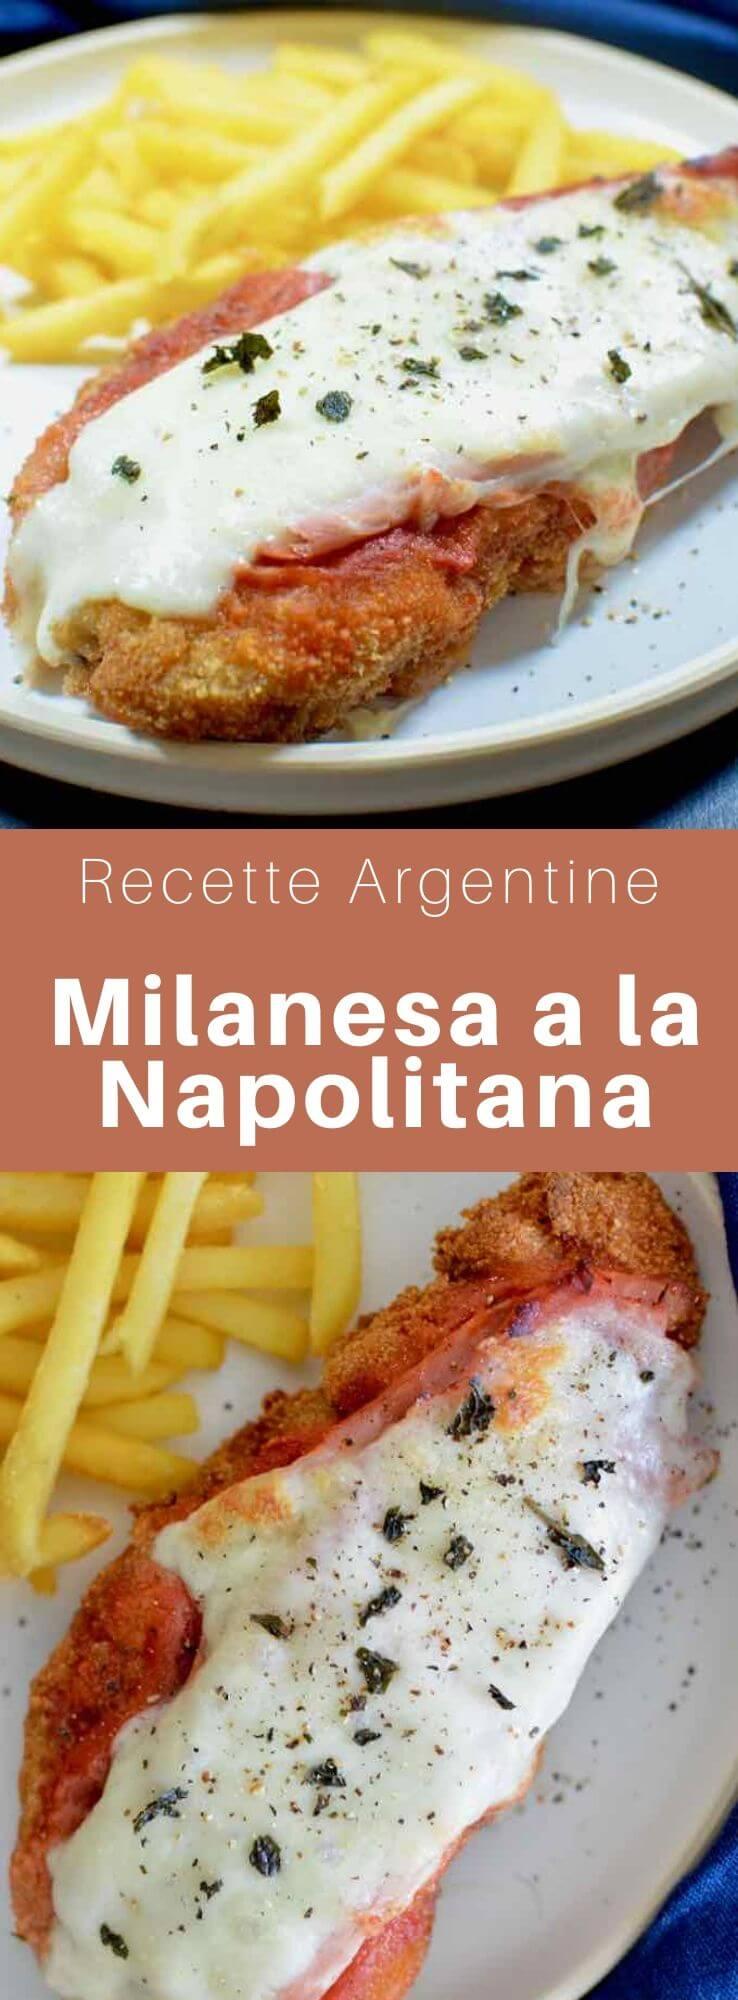 La milanesa a la napolitana est un plat typique de la cuisine argentine composé de boeuf enrobé comme une pizza, de sauce tomate et mozzarella. #Argentine #RecetteArgentine #CuisineArgentine #CuisineDuMonde #196flavors